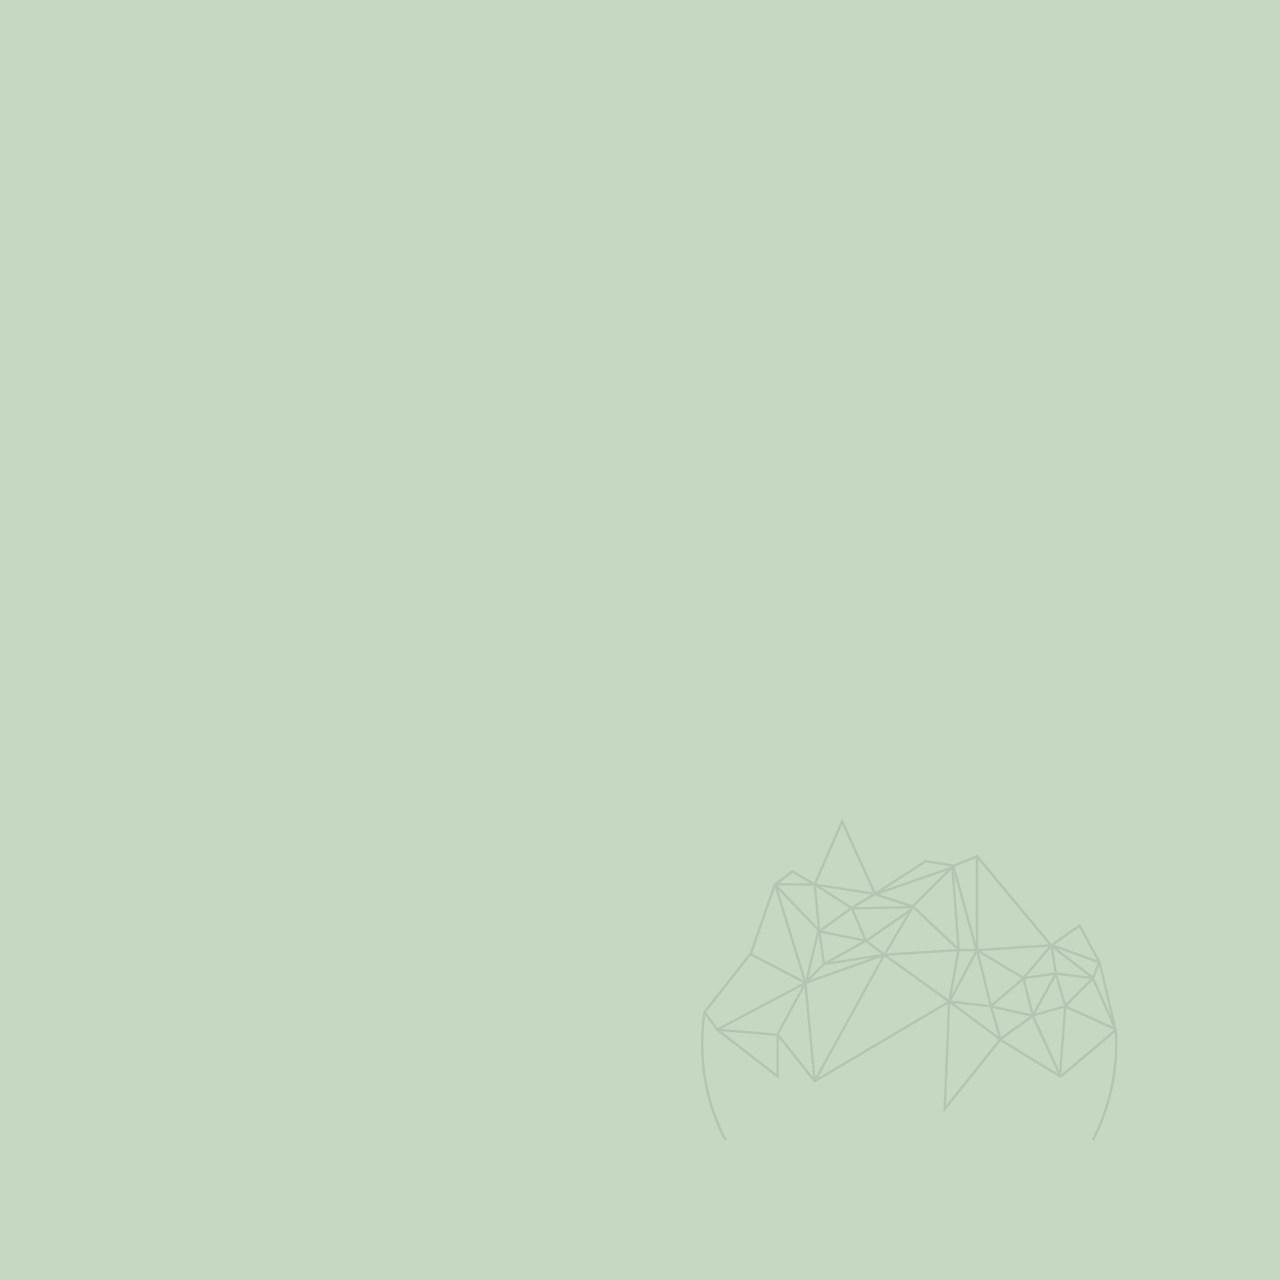 Weber Color Perfect Bahama 2 KG - Flexible wall & floor grout title=Weber Color Perfect Bahama 2 KG - Flexible wall & floor grout